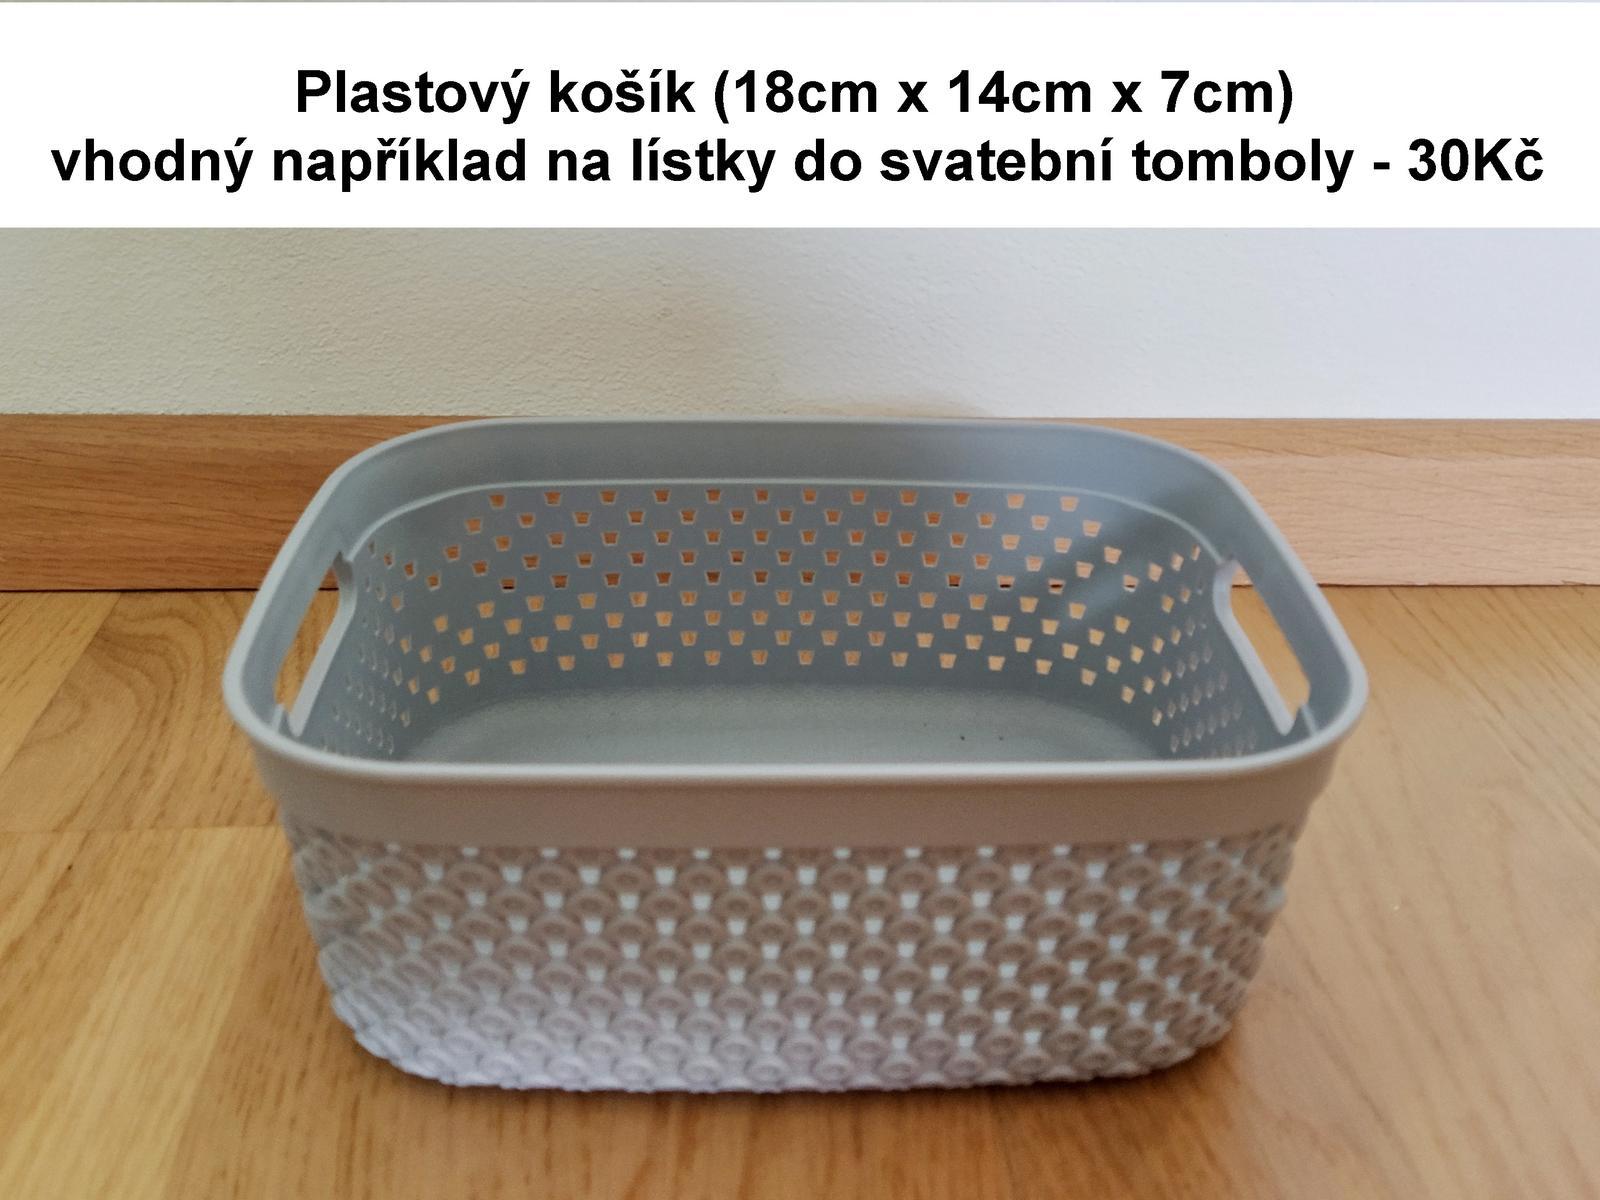 Plastový košík - Obrázek č. 1